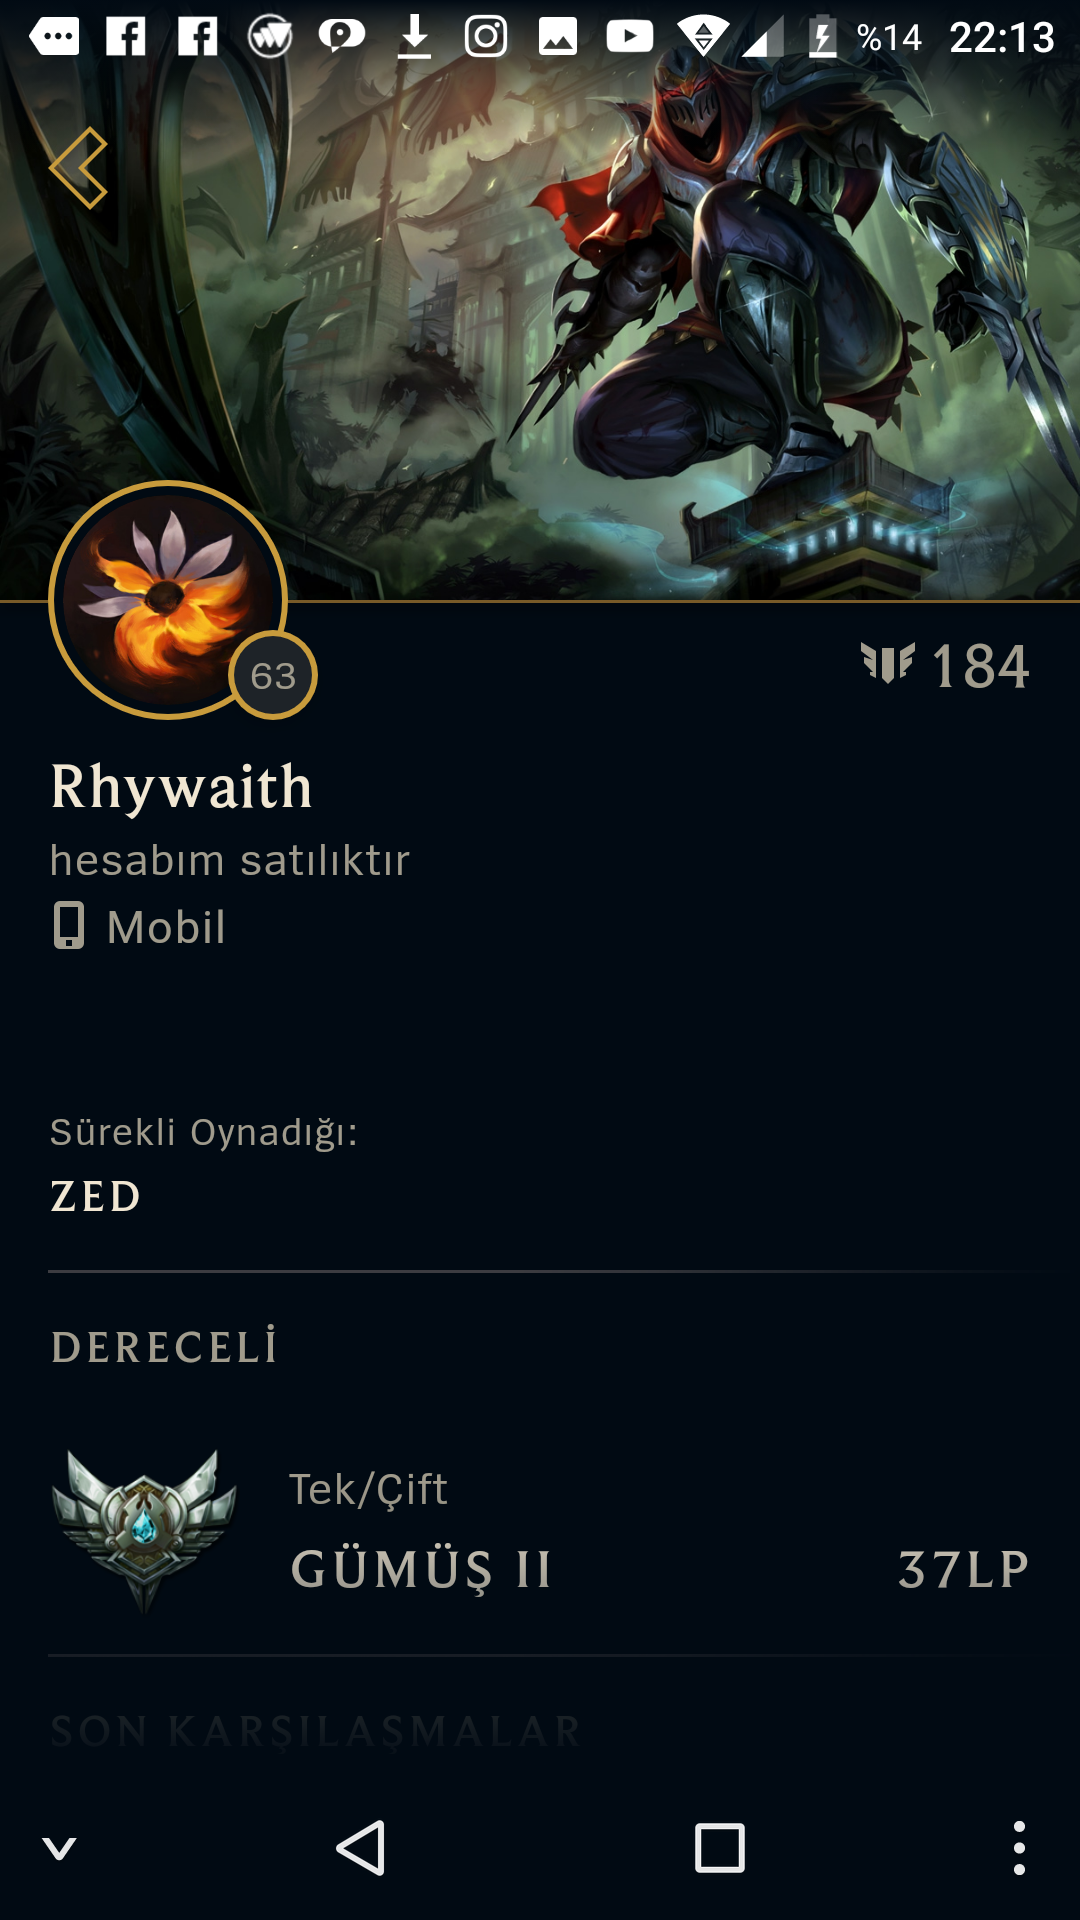 League of Legend Satılık Gümüş 1 Hesap - Türkiye (TR)